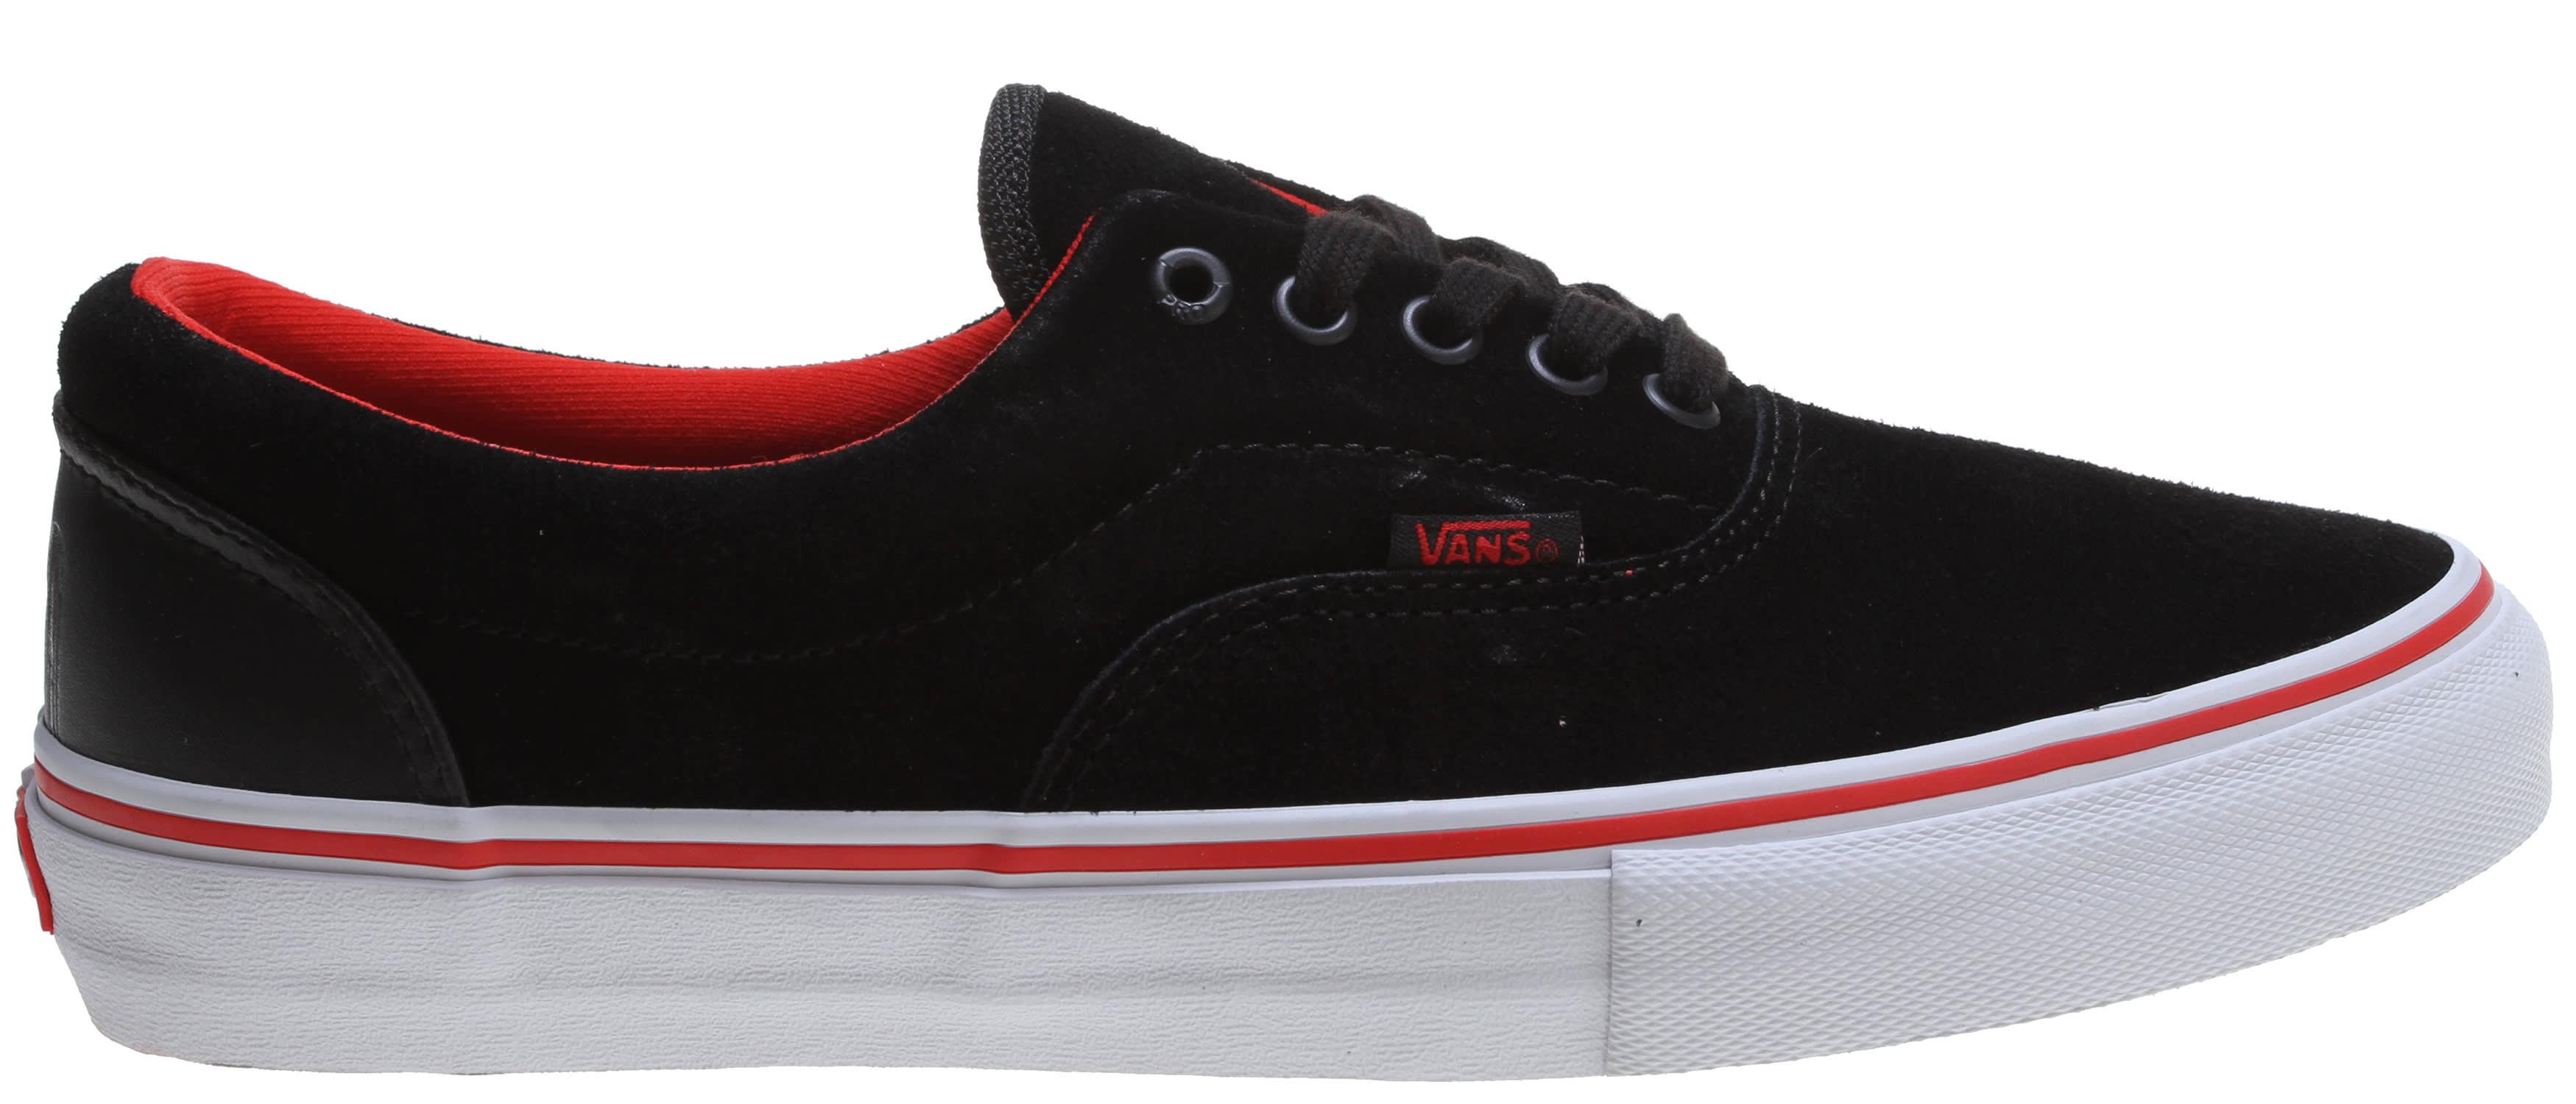 Vans Era Pro Red